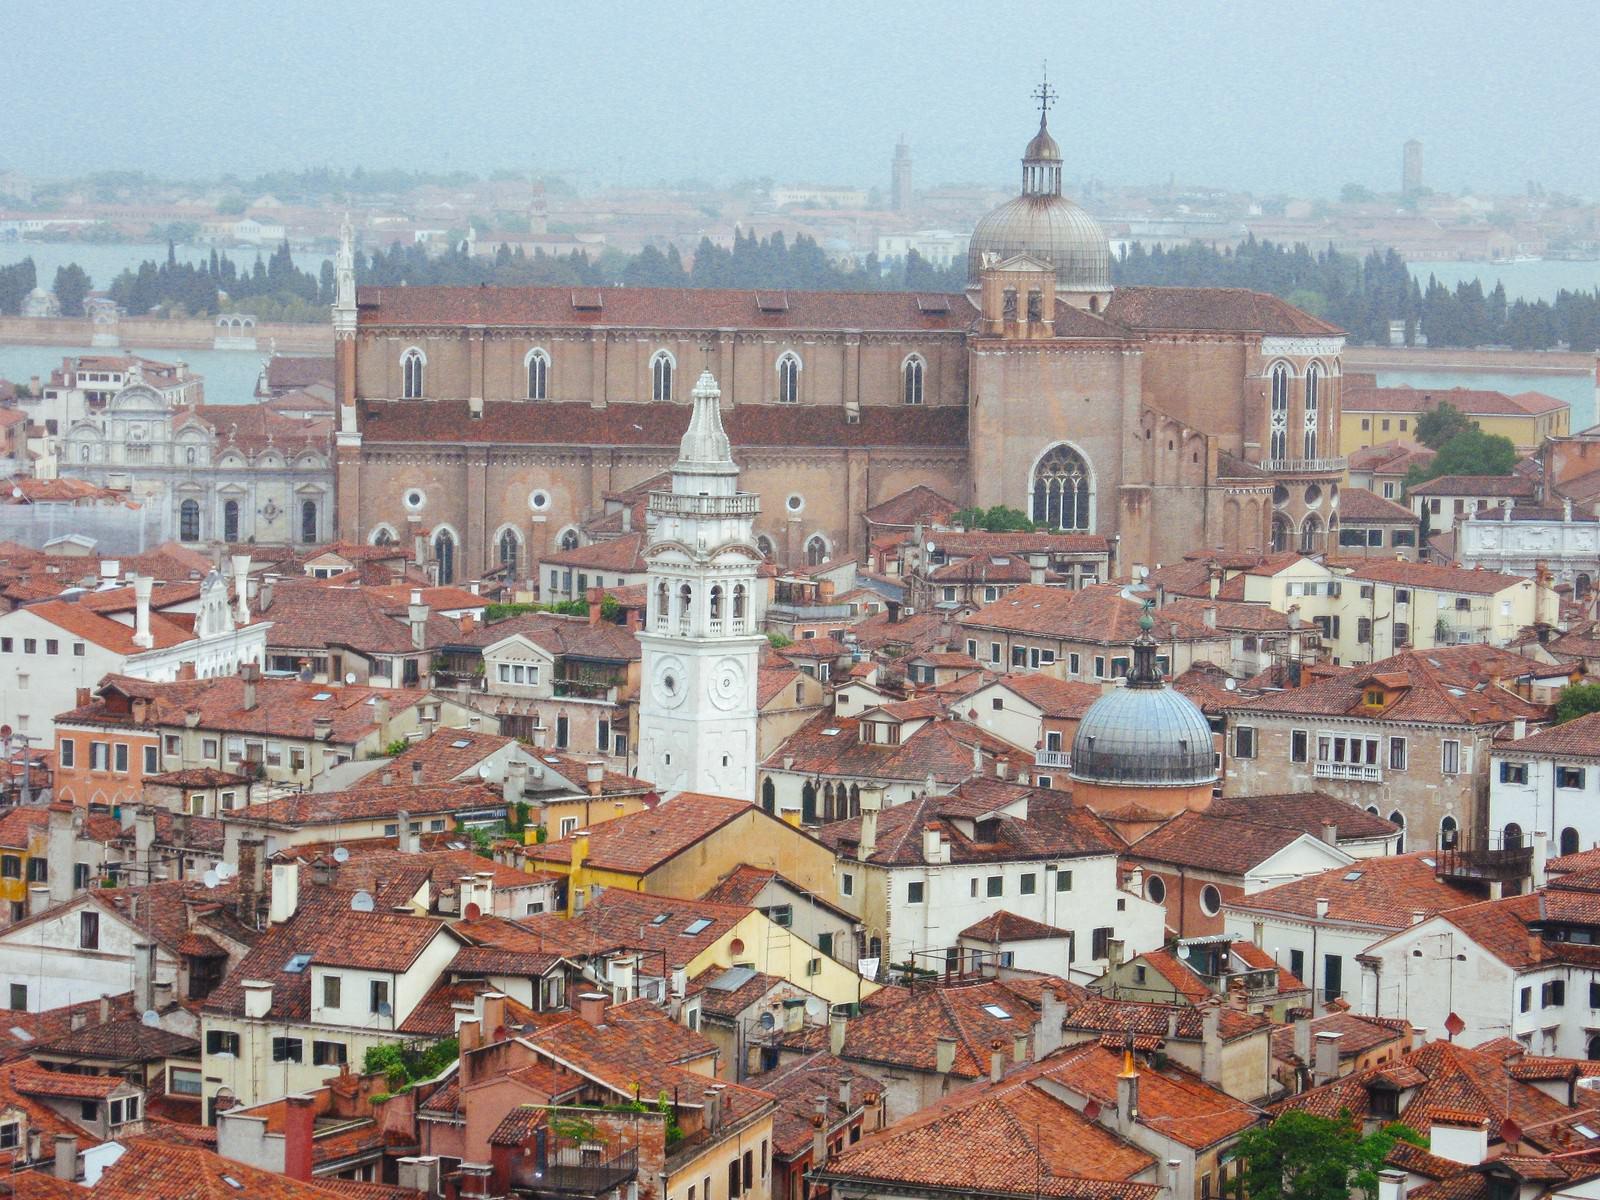 「ベネチアの街並みと鐘楼(イタリア)」の写真